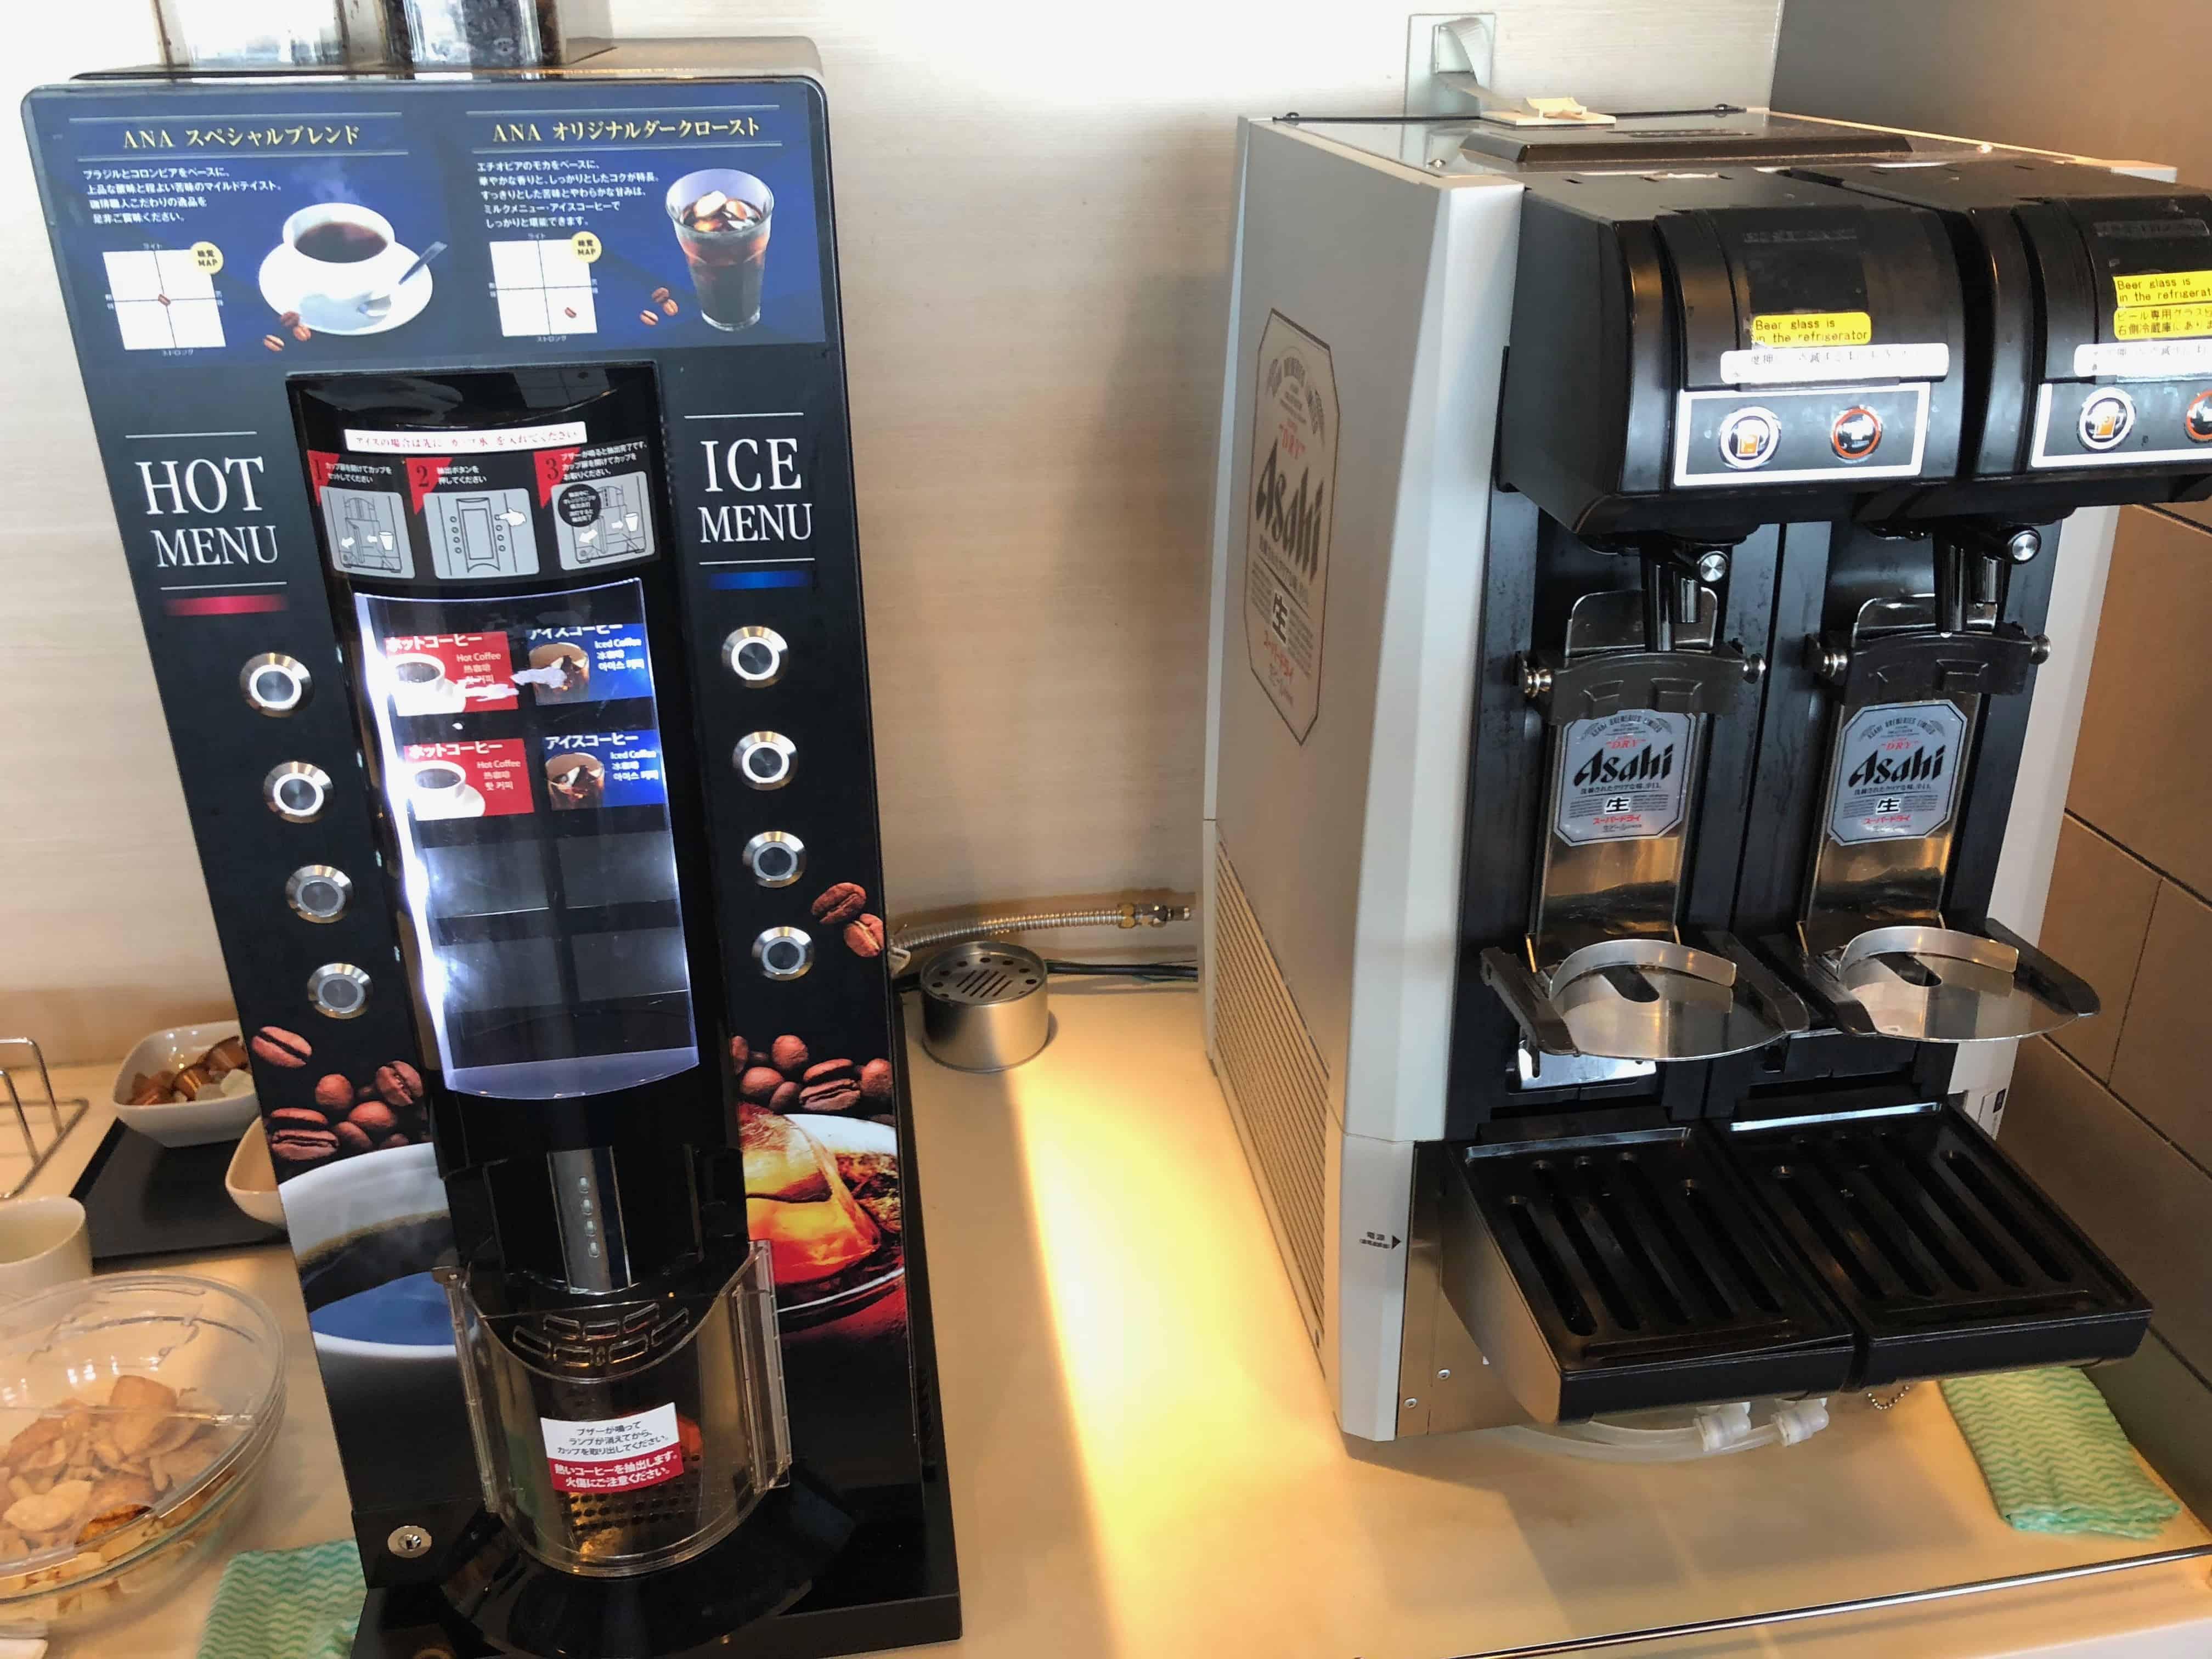 ANA Economy Bewertung Lounge Getränkeautomaten